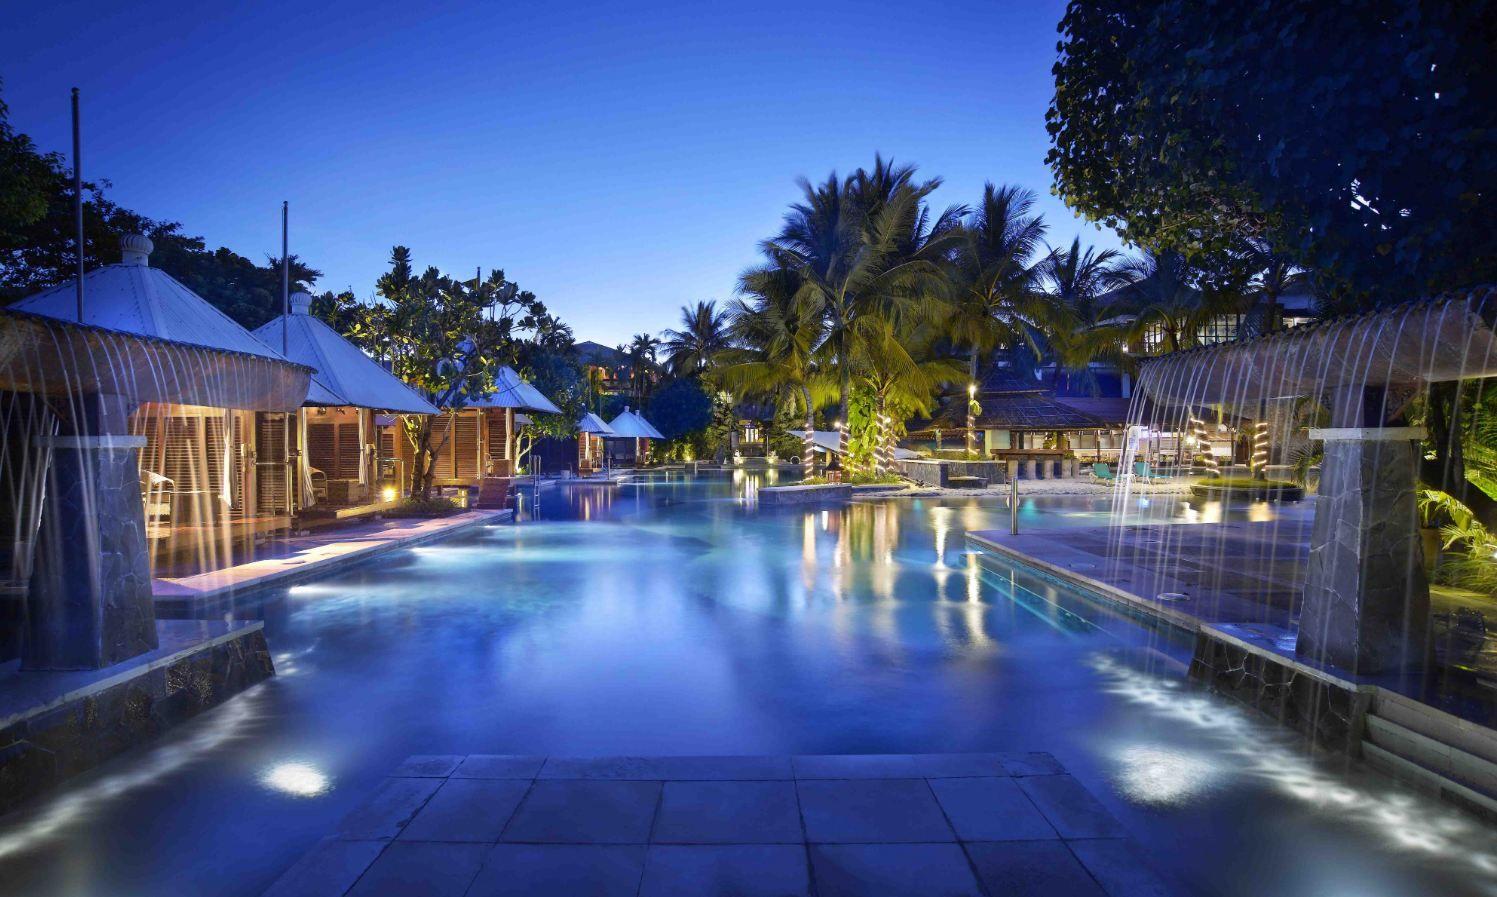 I Think We Ve Found Paradise Hard Rock Hotel Bali Indonesia Hardrock Hard Rock Hotel Bali Accommodation Bali Hotels